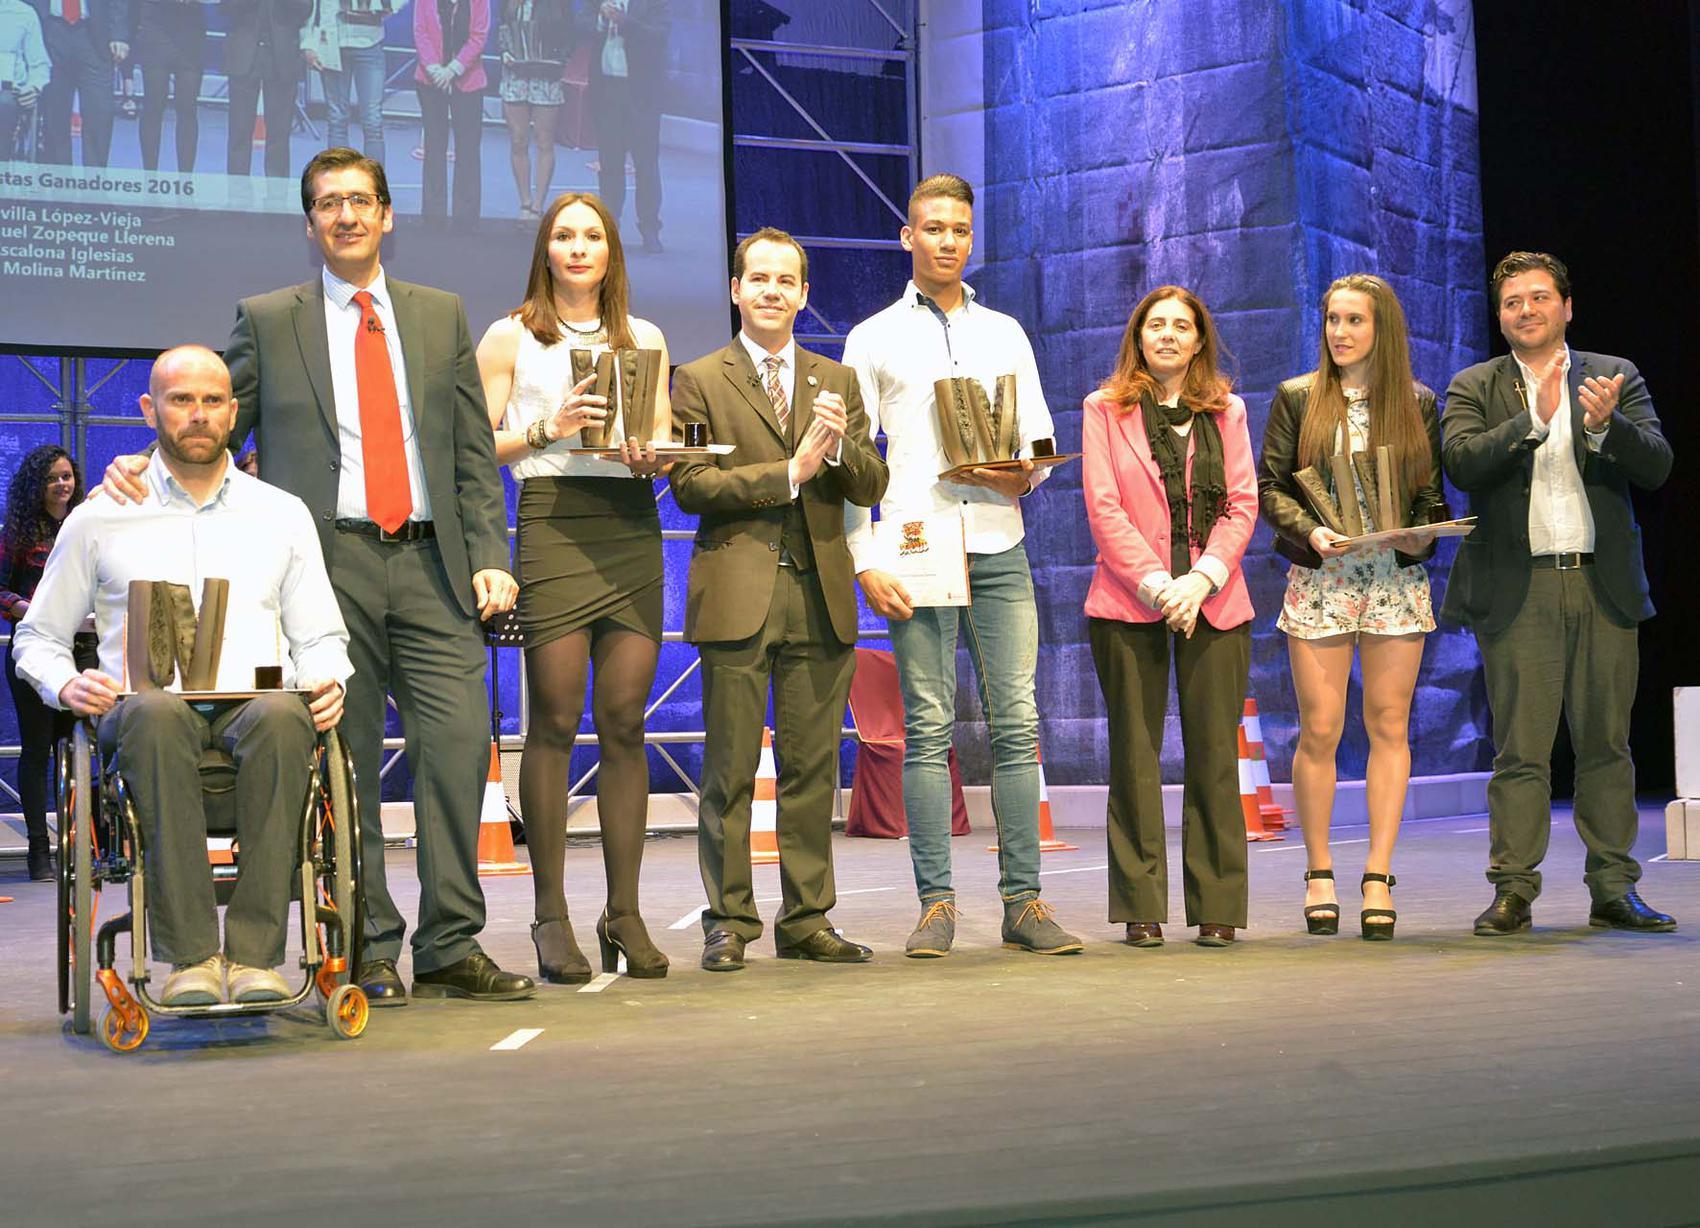 La Diputación premia a los mejores deportistas de la provincia de Ciudad Real